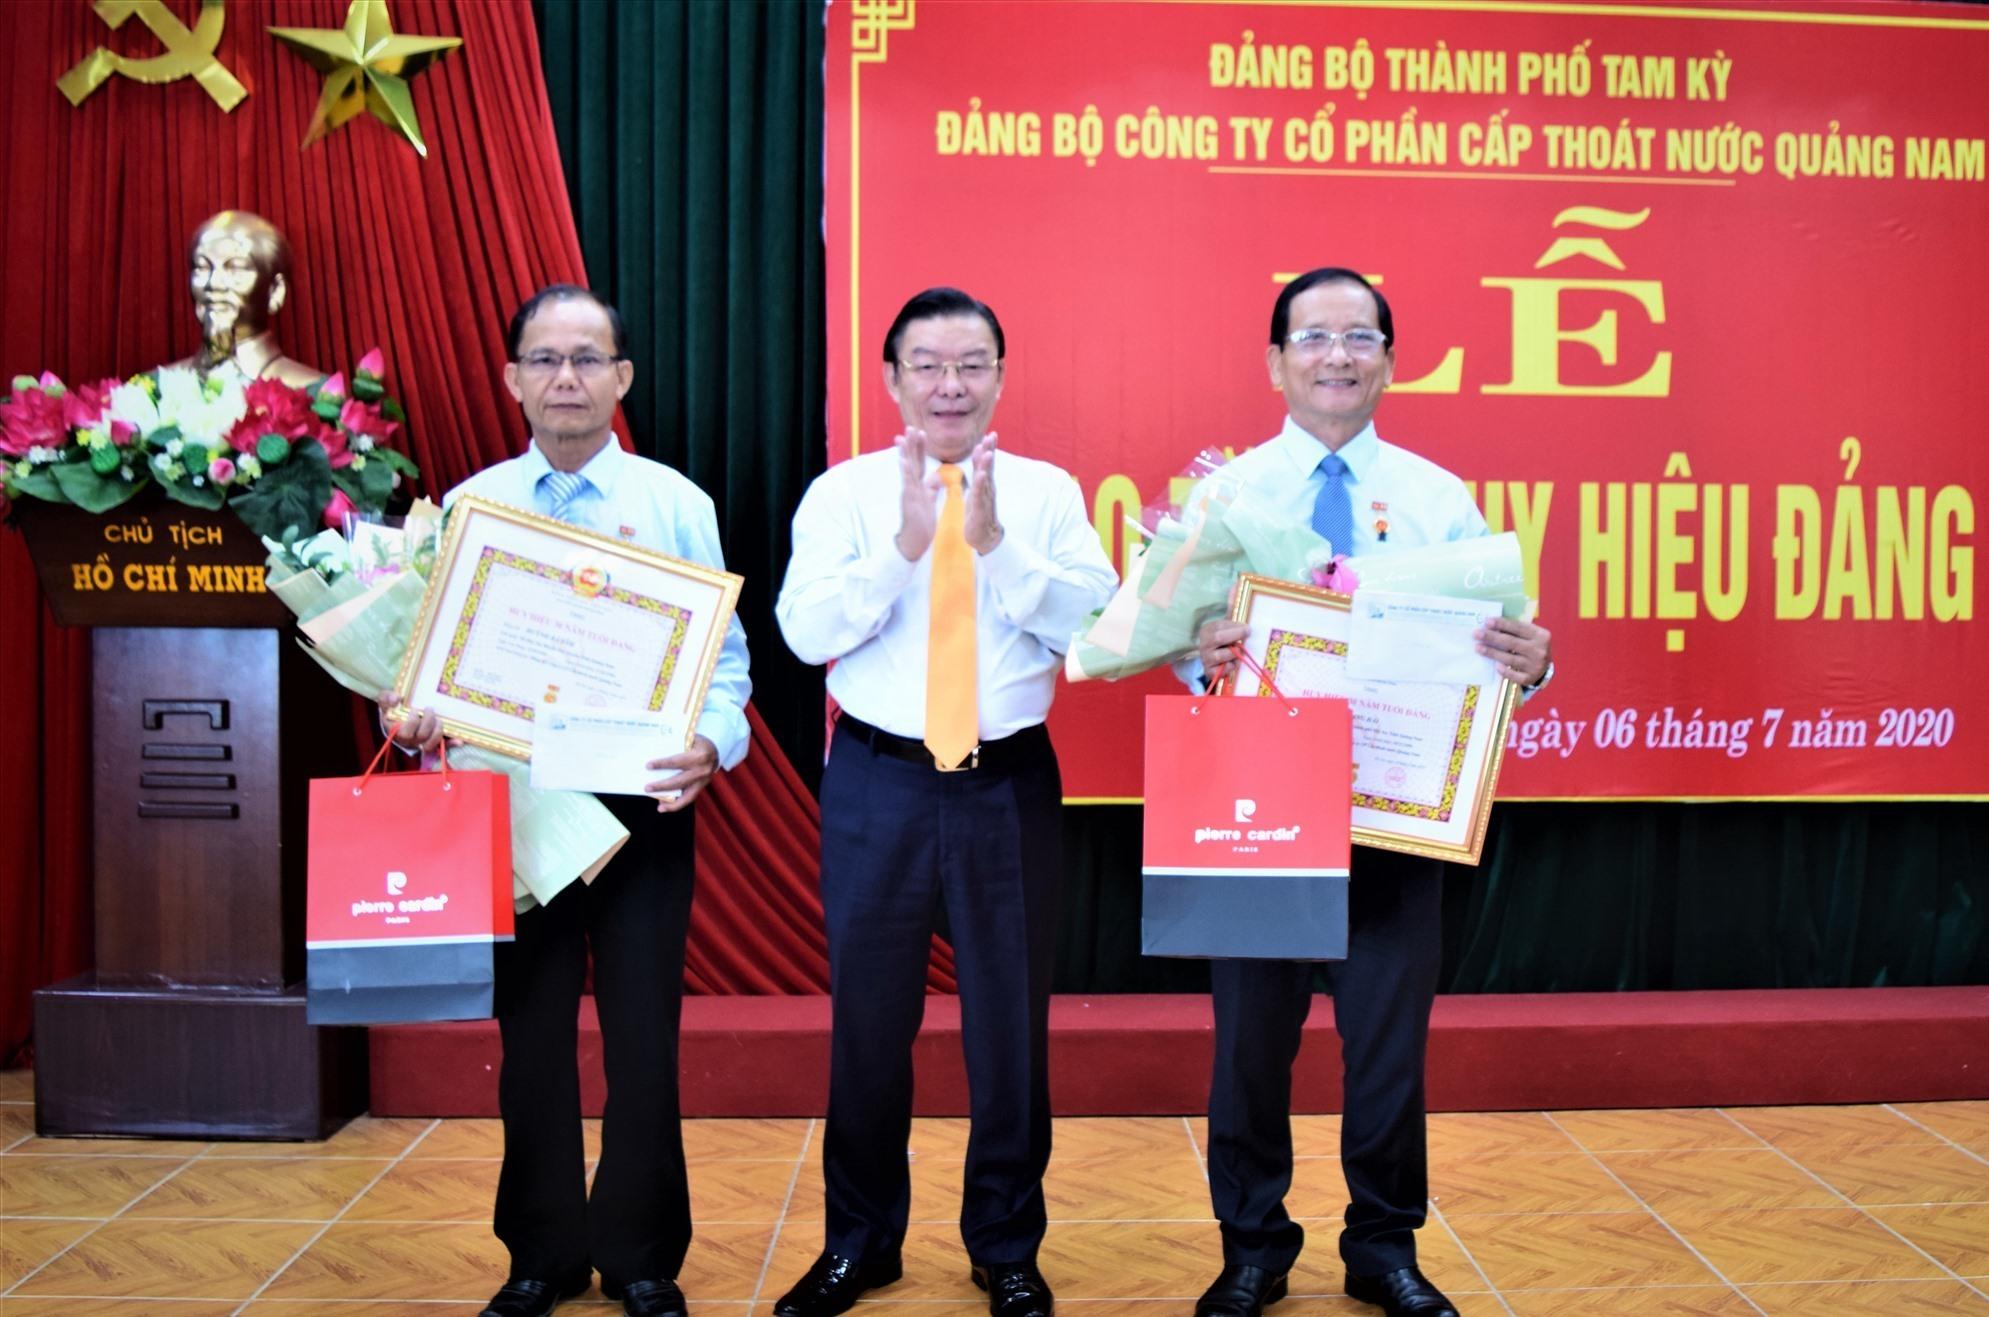 Trao huy hiệu 30 năm tuổi Đảng cho 2 đảng viên. Ảnh: M.D